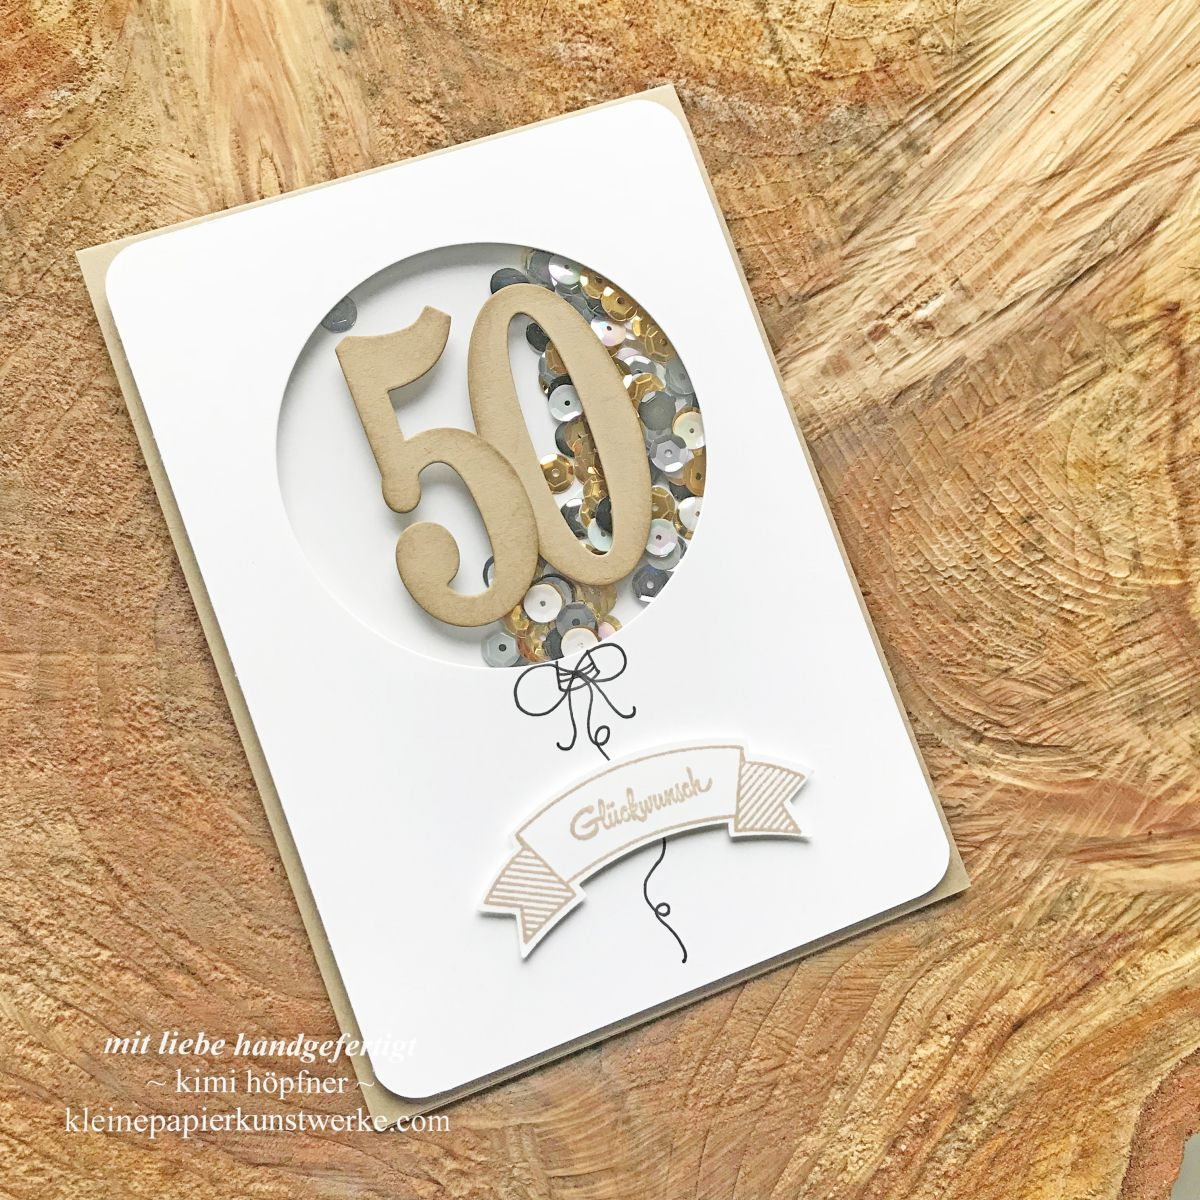 Schuttelkarte Zum 50 Geburtstag Fur Einen Herrn